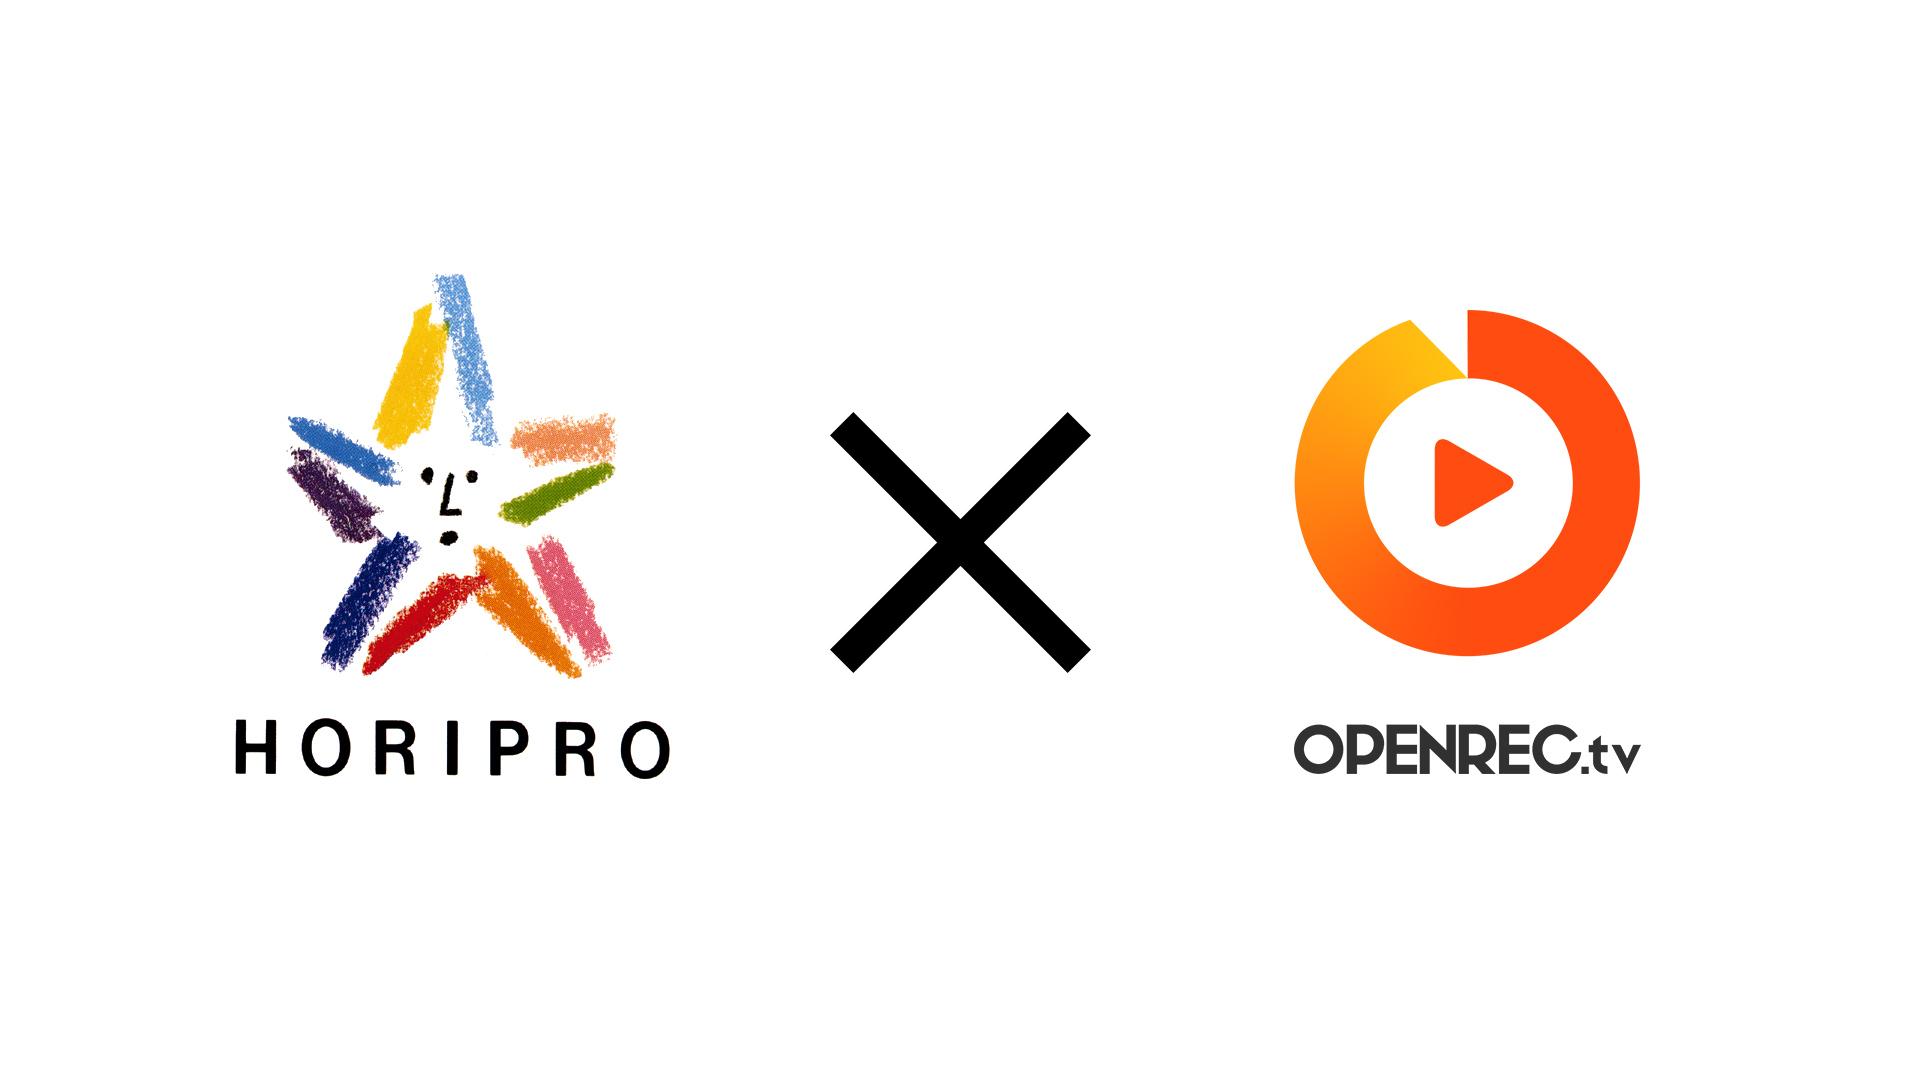 ゲーム動画配信プラットフォーム「OPENREC.tv」、芸能プロダクション「ホリプロ」とのパートナー契約を締結! ~「ホリプロ」所属タレントが「OPENREC.tv」にてゲーム配信スタート~